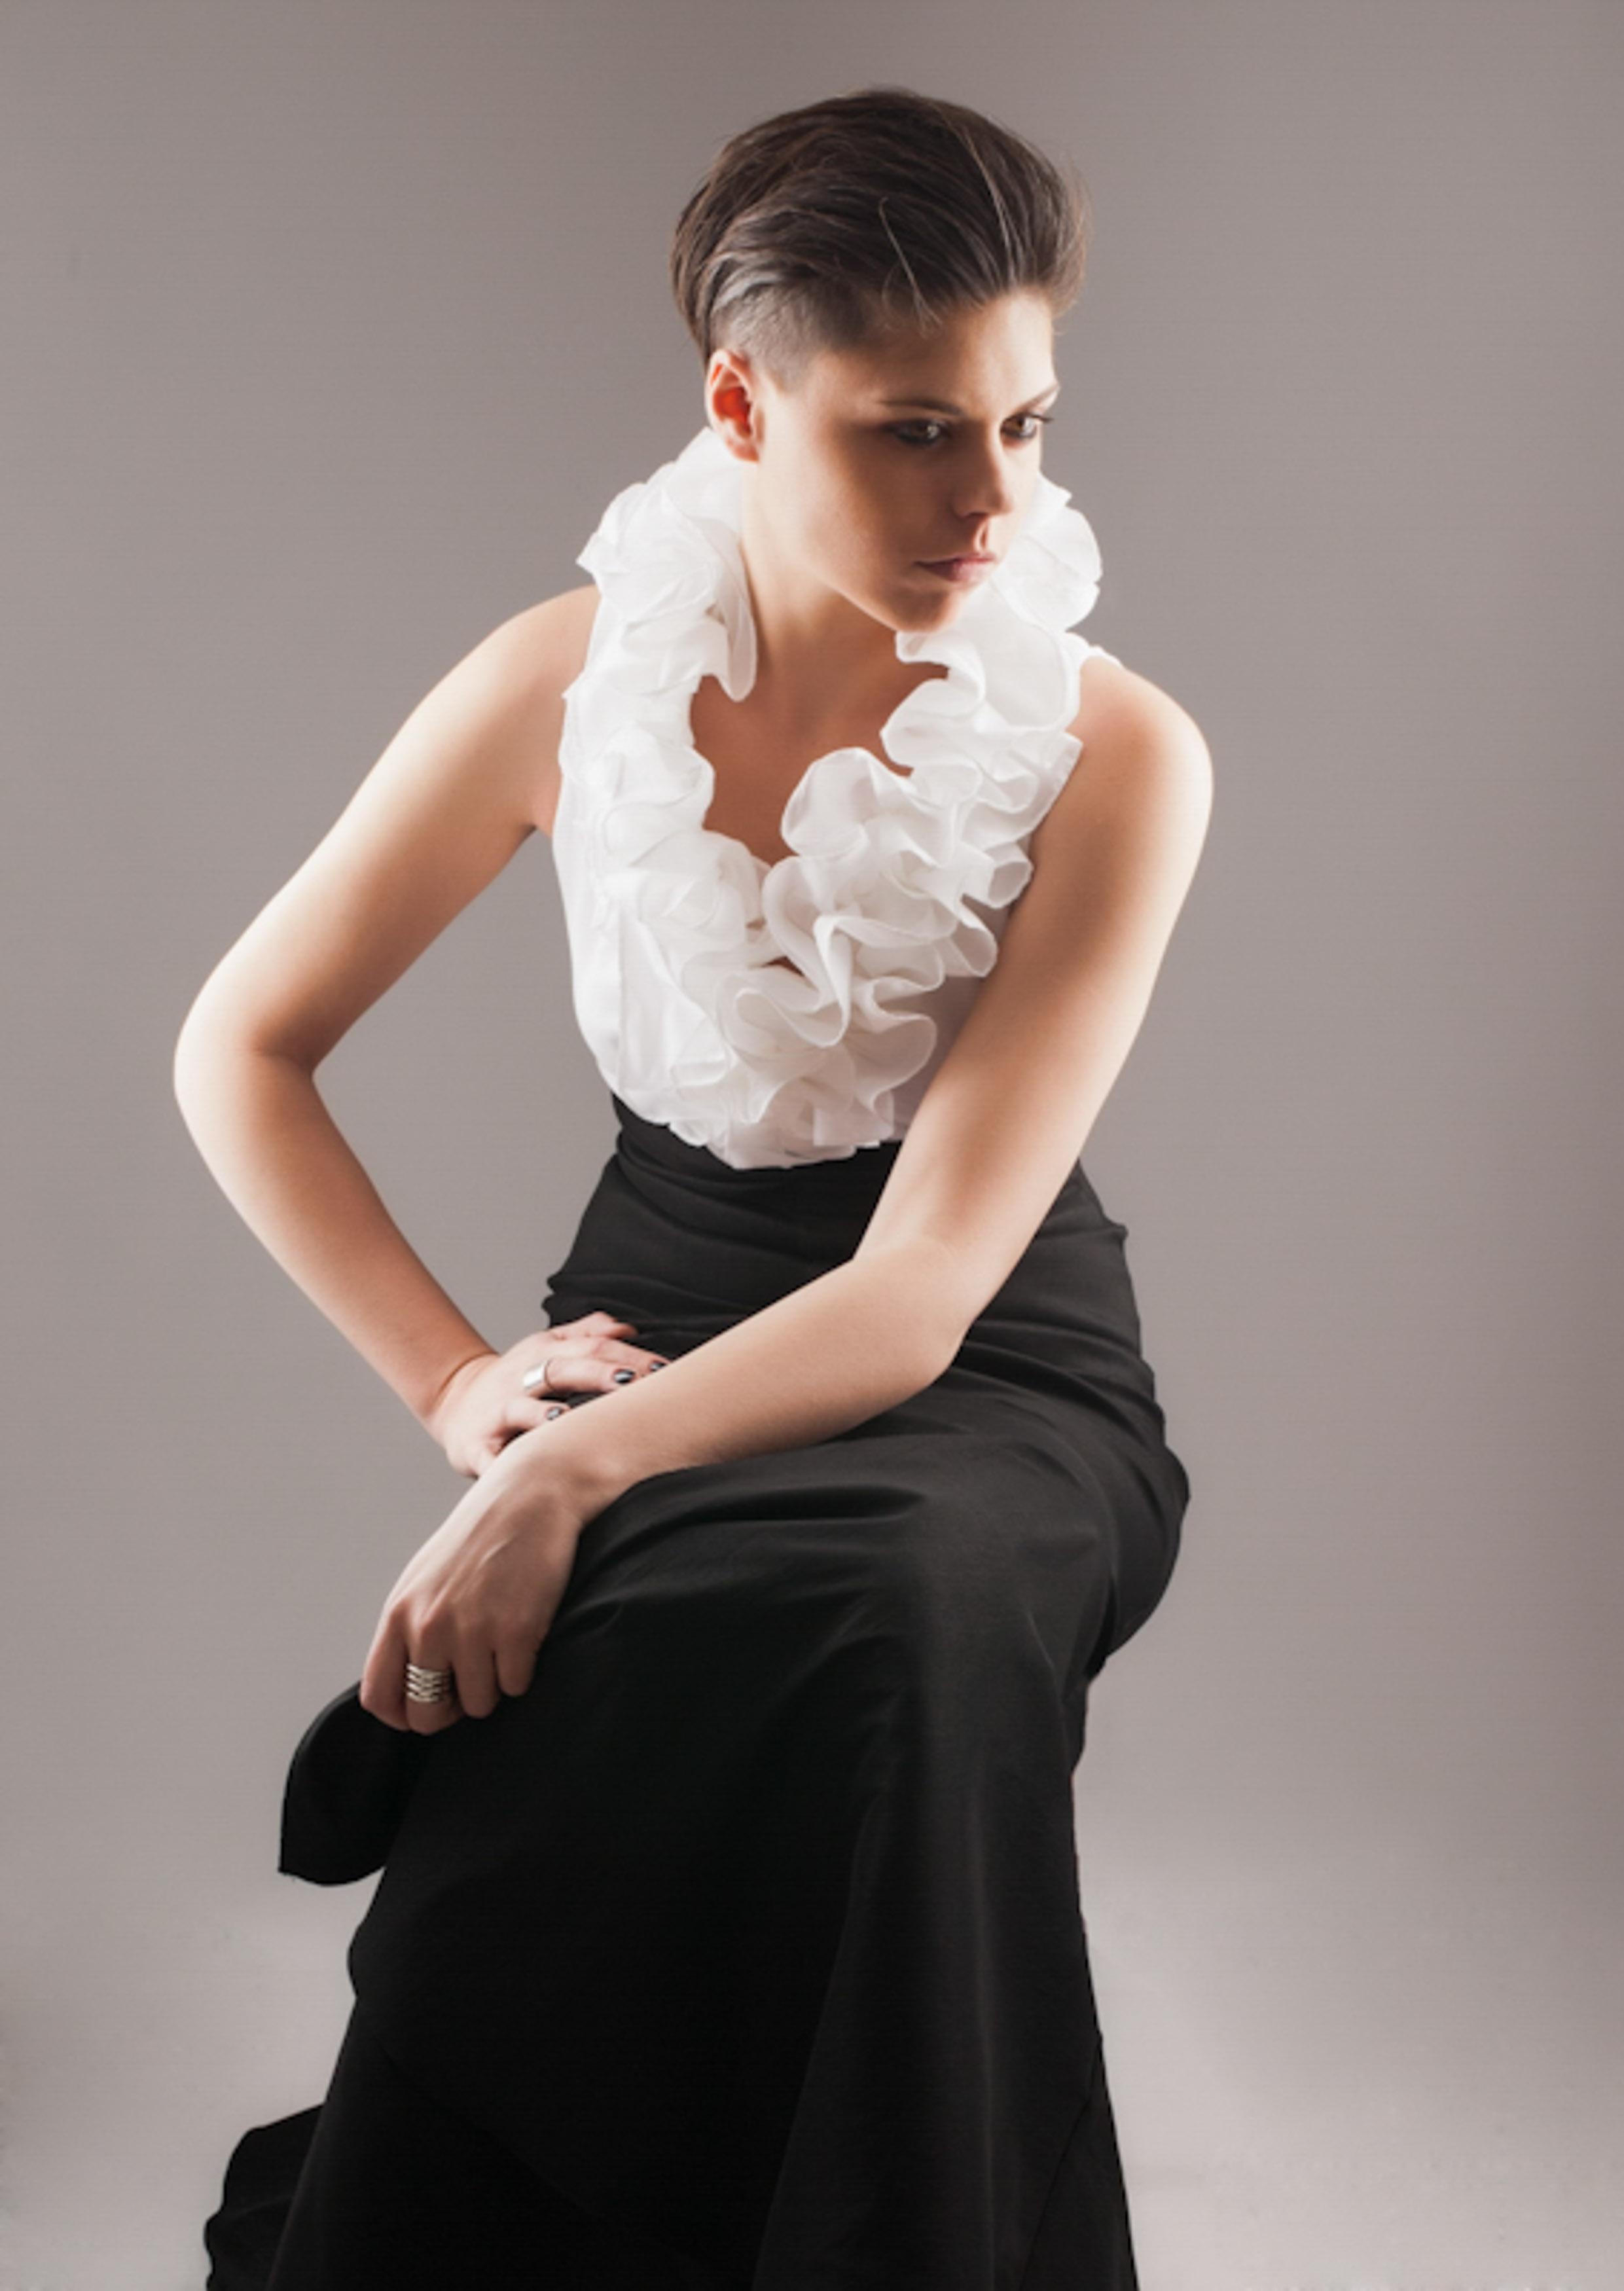 ModelPhotographyImprint-26.jpg